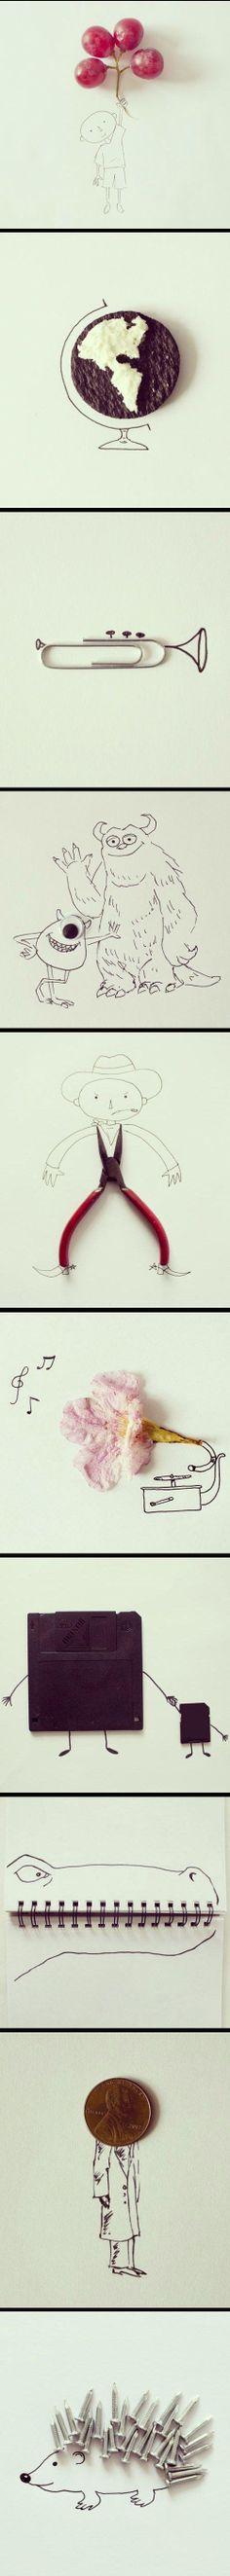 Wahnsinn, wie kreativ manche Menschen sind!